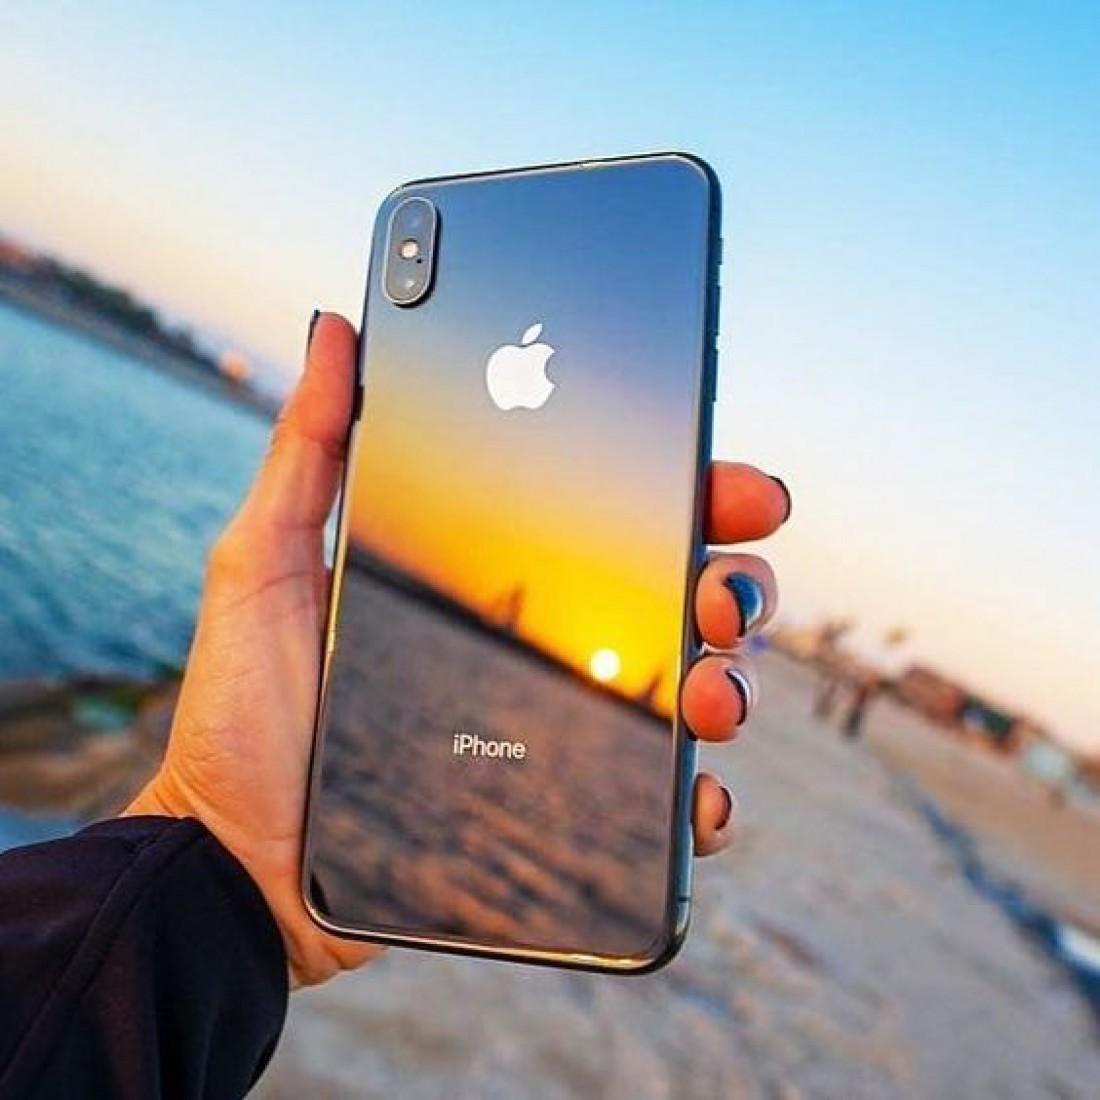 Презентация Apple весной 2020: что, где, а главное - когда?